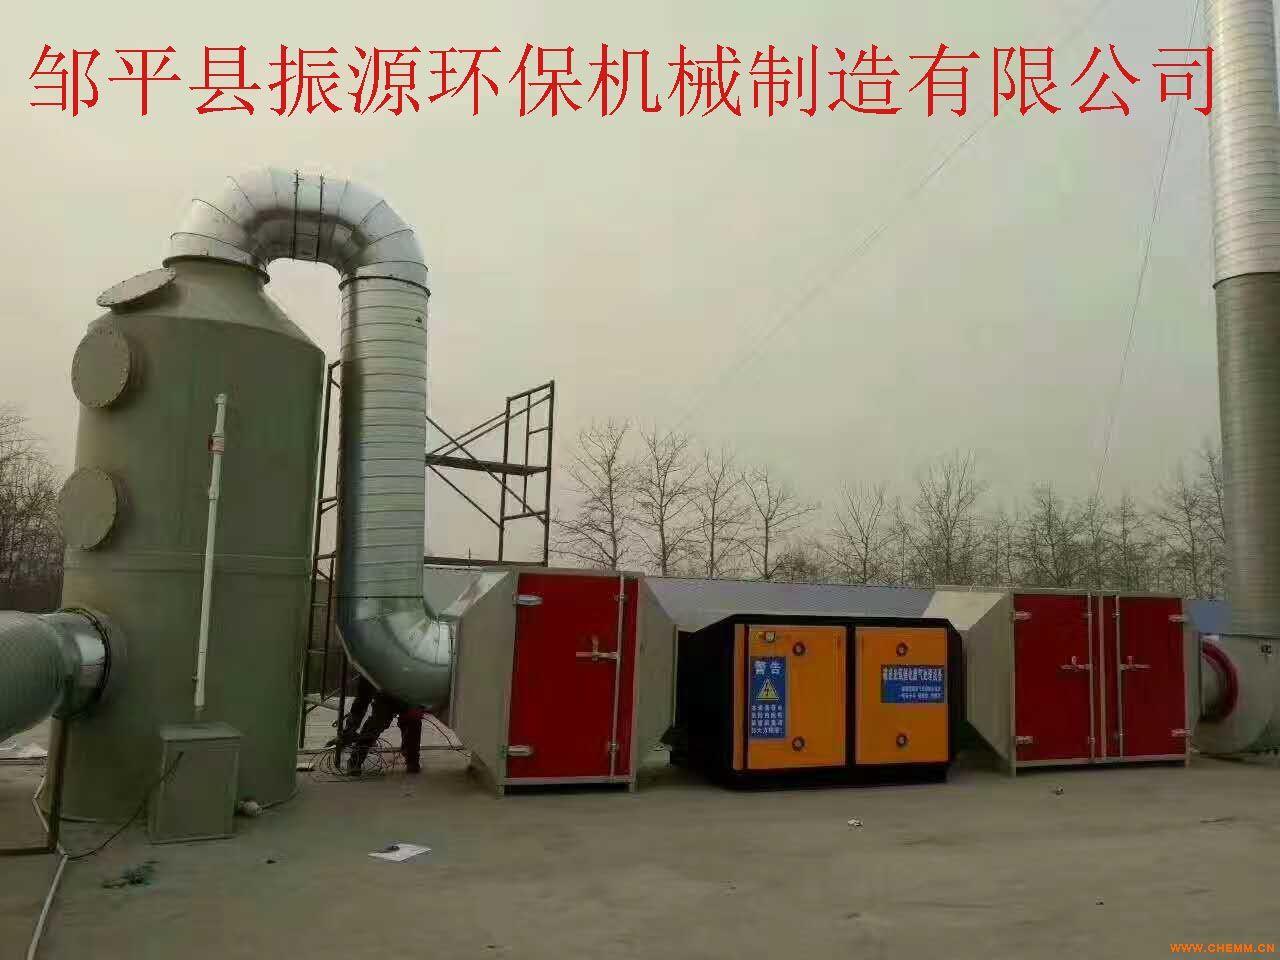 振源光氧催化环保设备